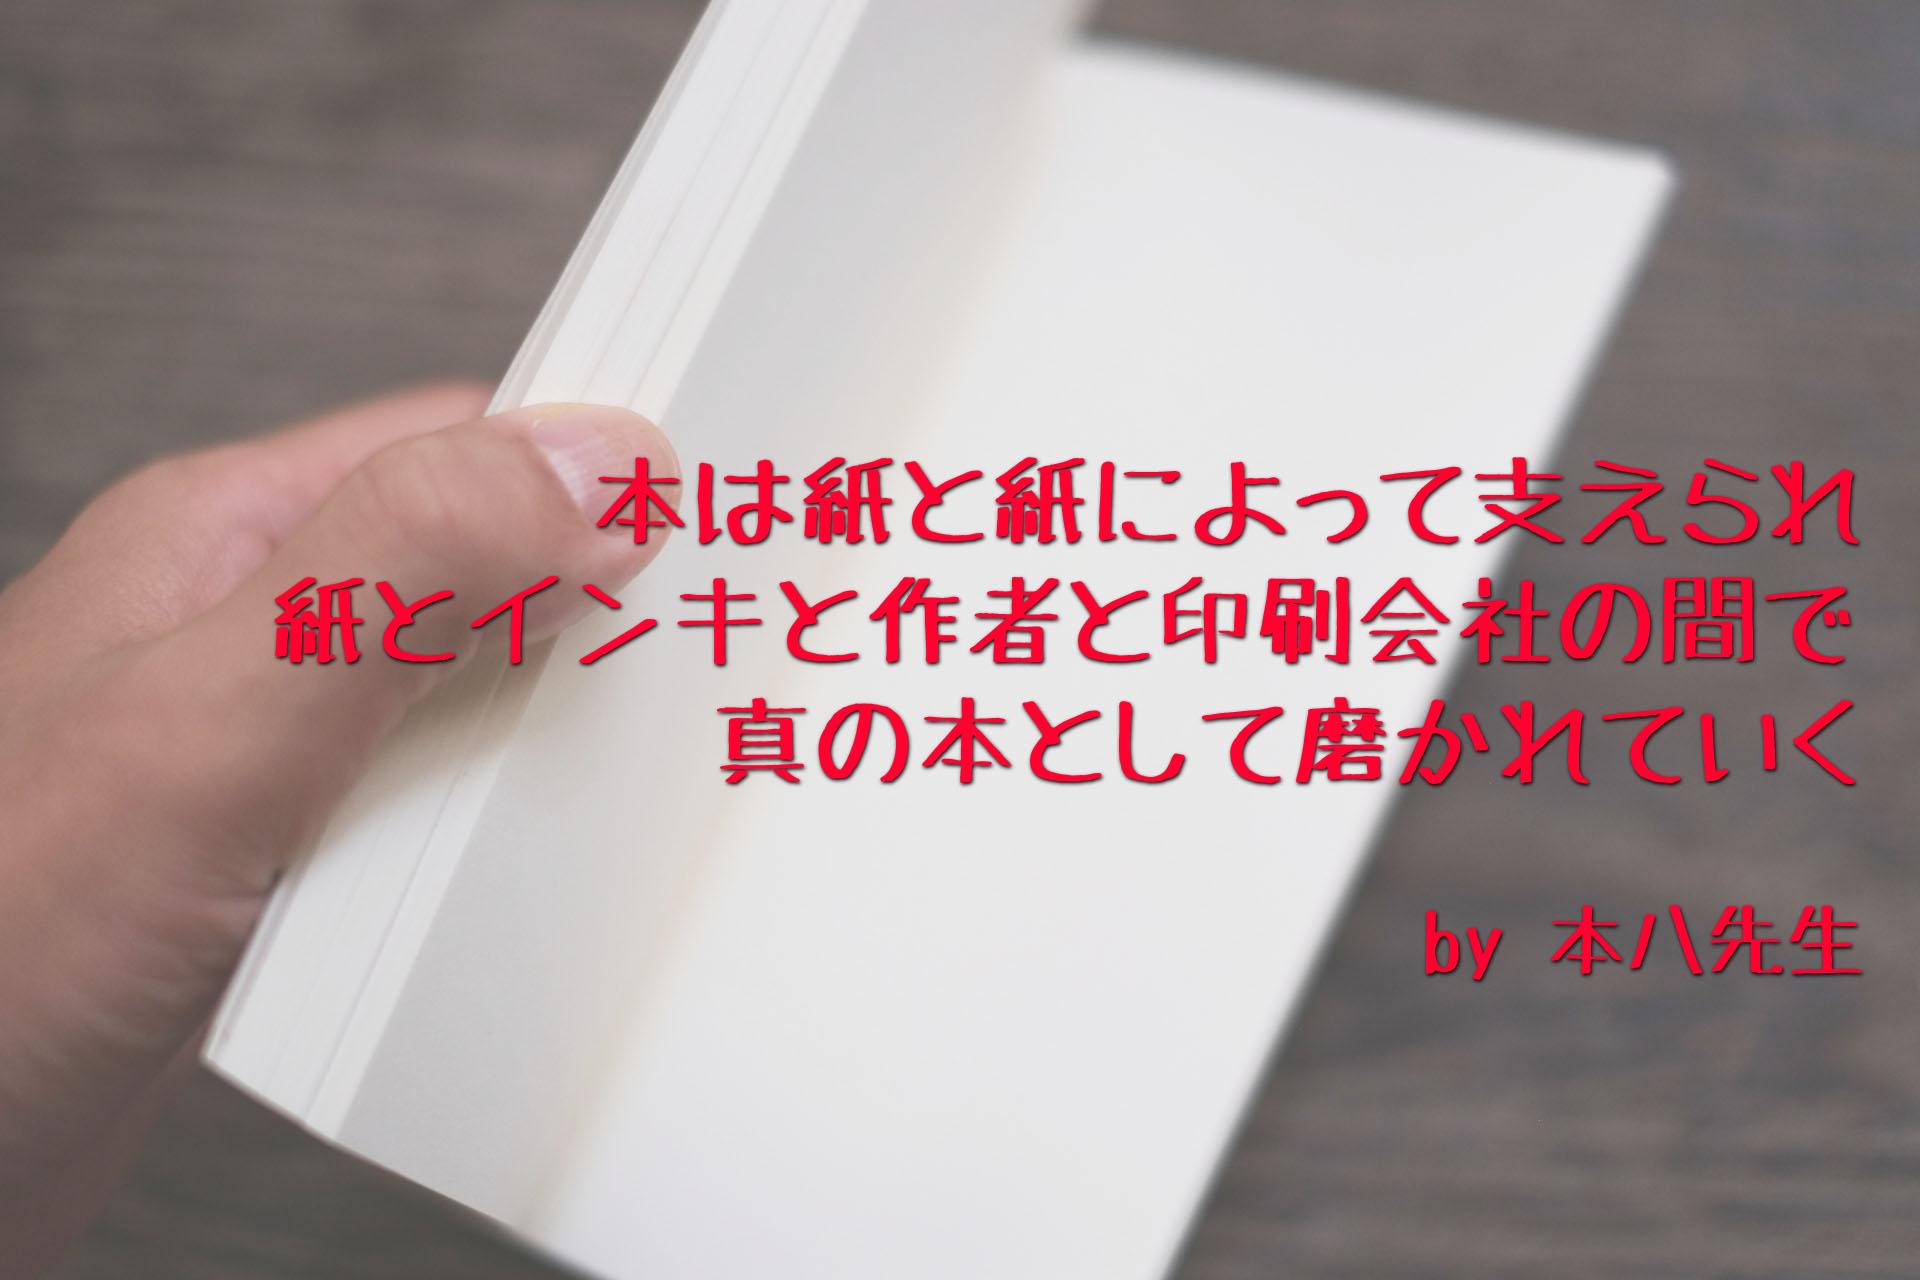 【大阪の印刷所の豆知識】同人誌に使われる印刷用紙の特徴は?